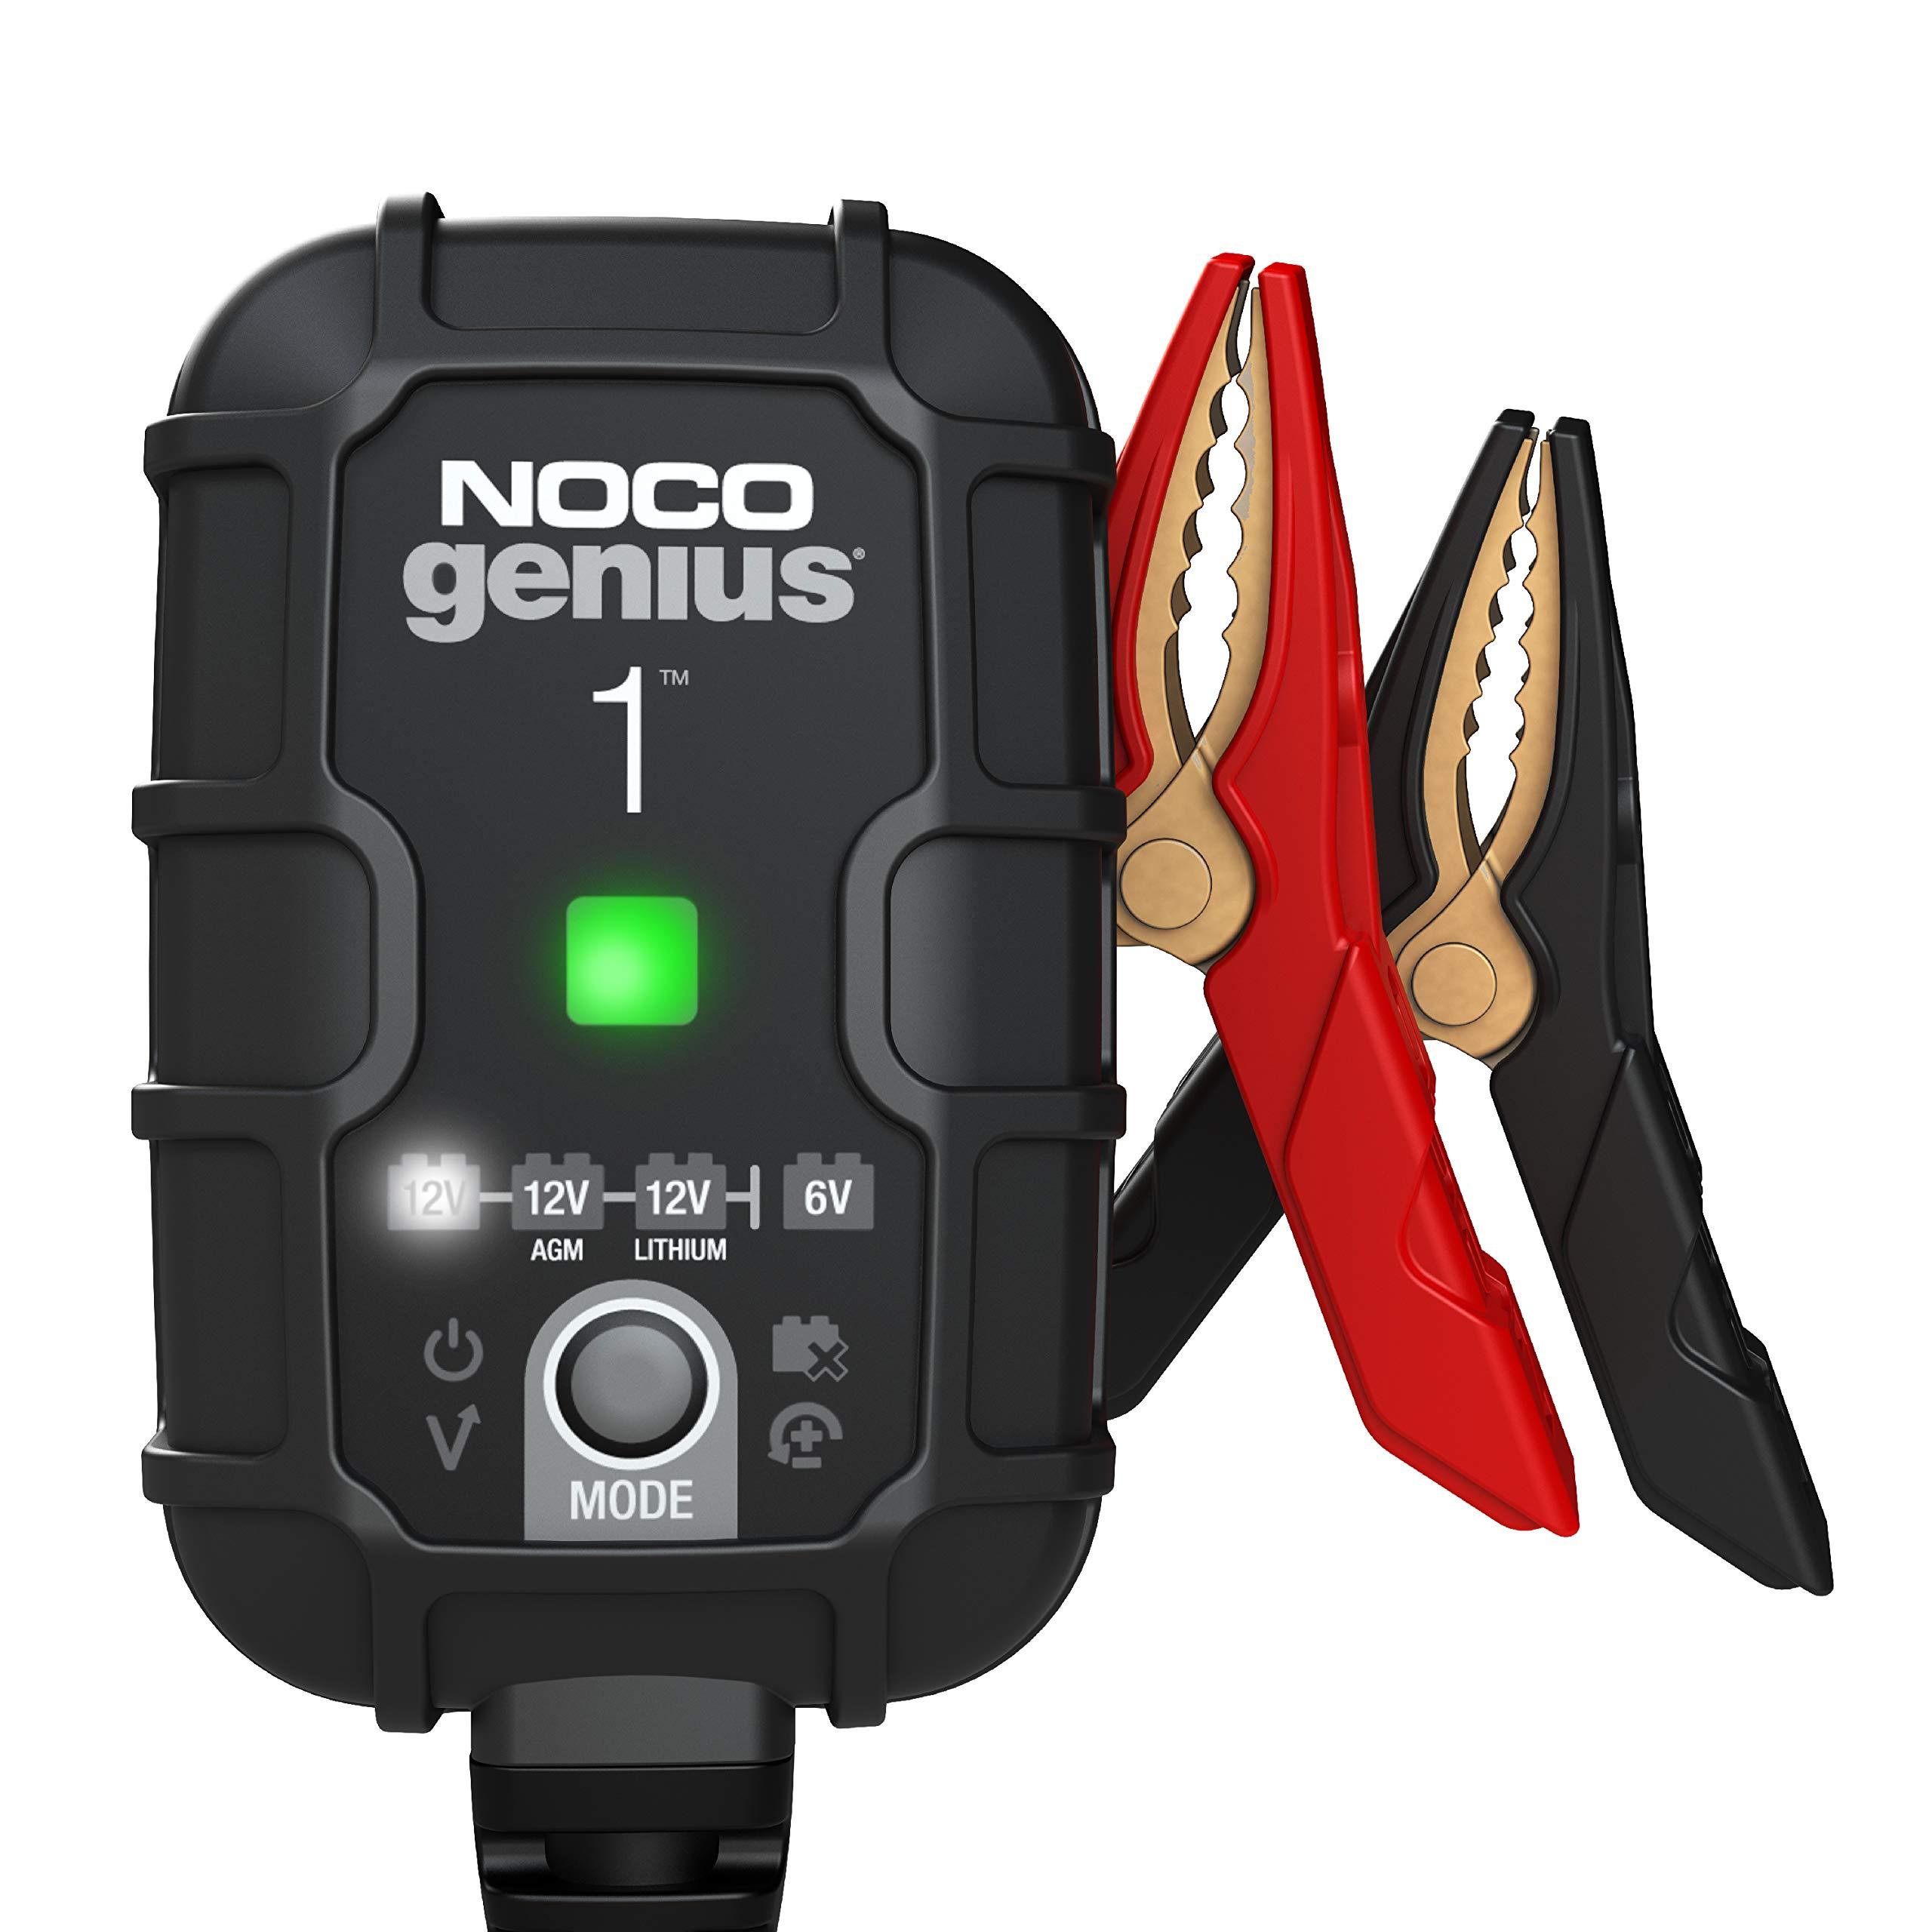 NOCO GENIUS1 Fully Automatic Temperature Compensation